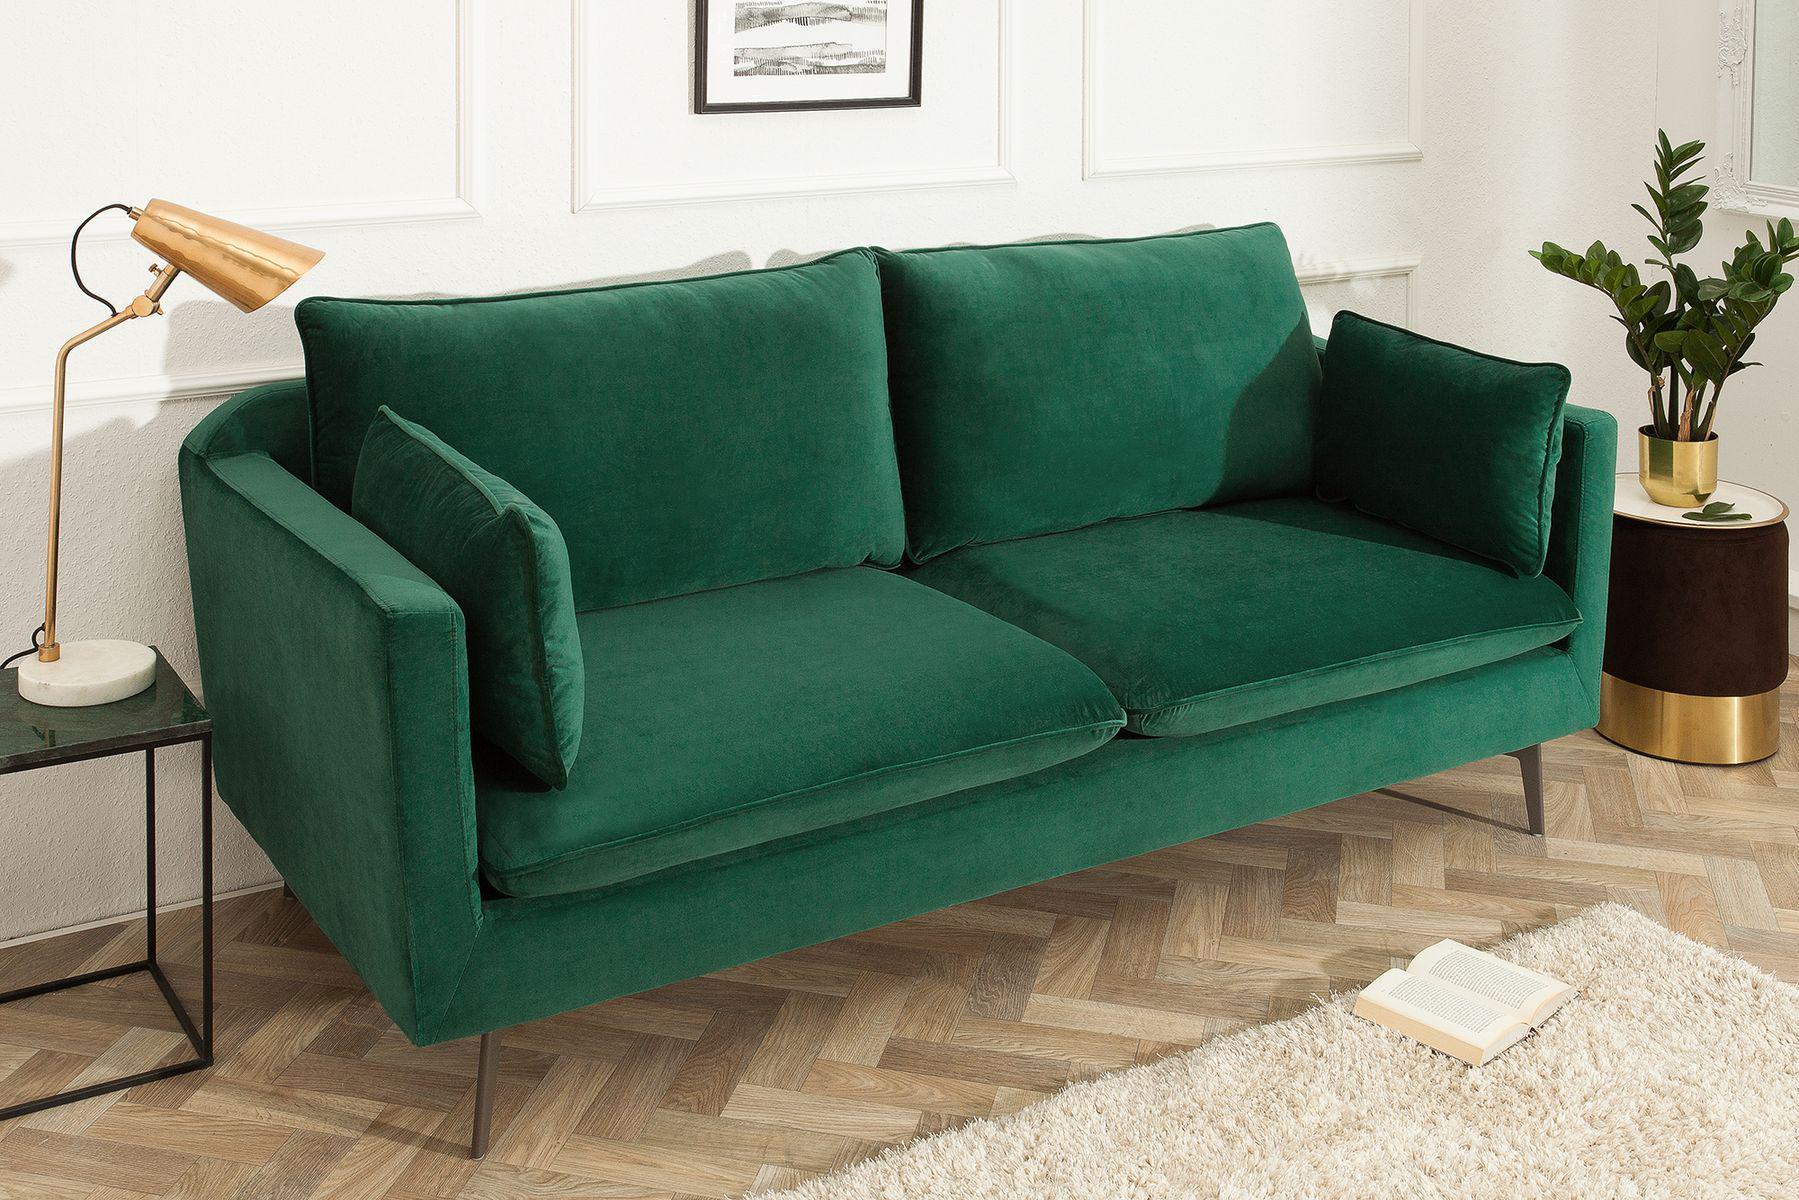 https://www.inventio.info.pl/22264/sofa-famous-zielona-39025-in.jpg